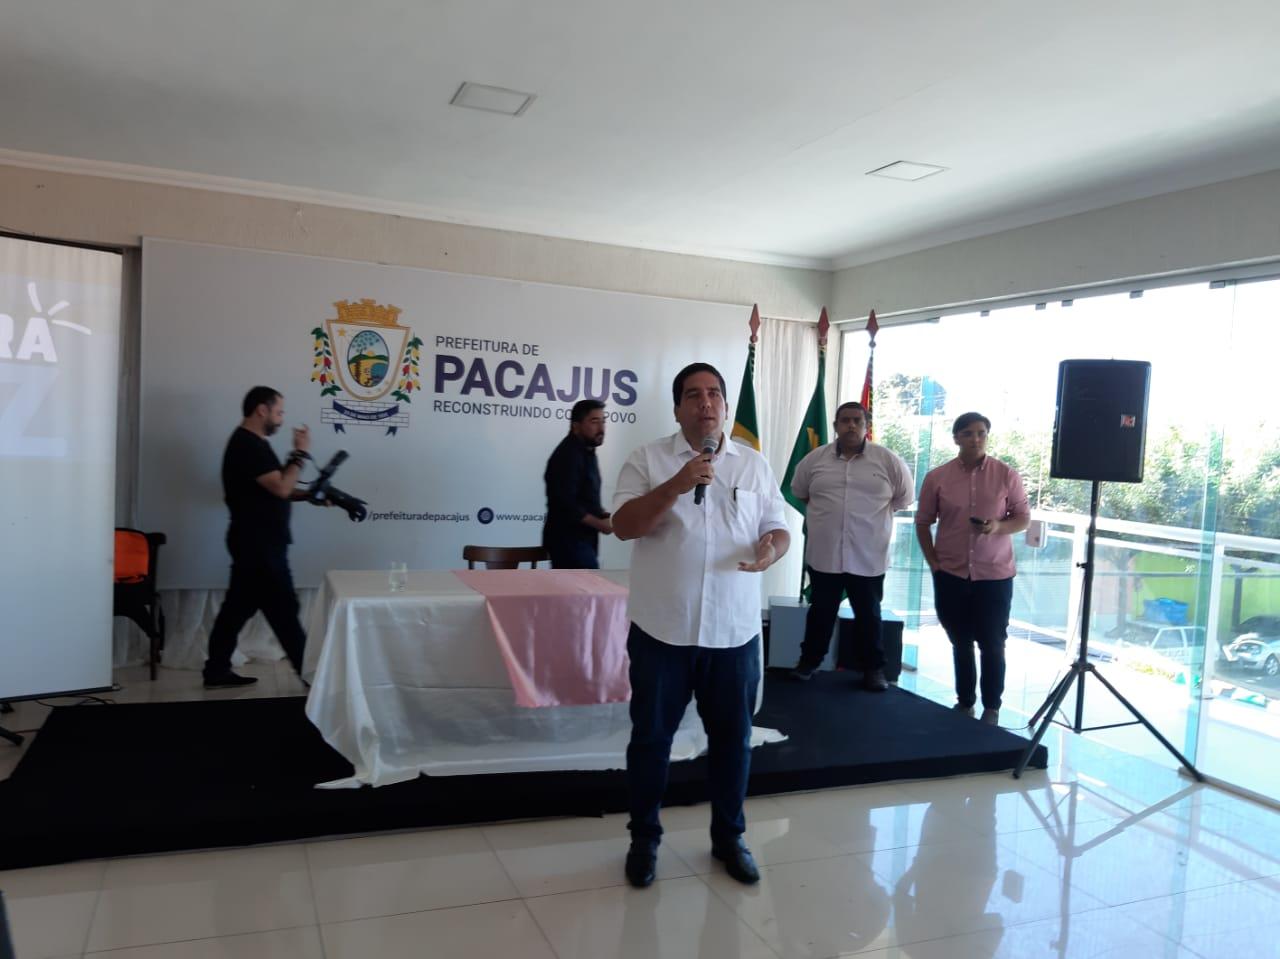 Prefeito de Pacajus reúne a imprensa para falar dos avanços de sua gestão